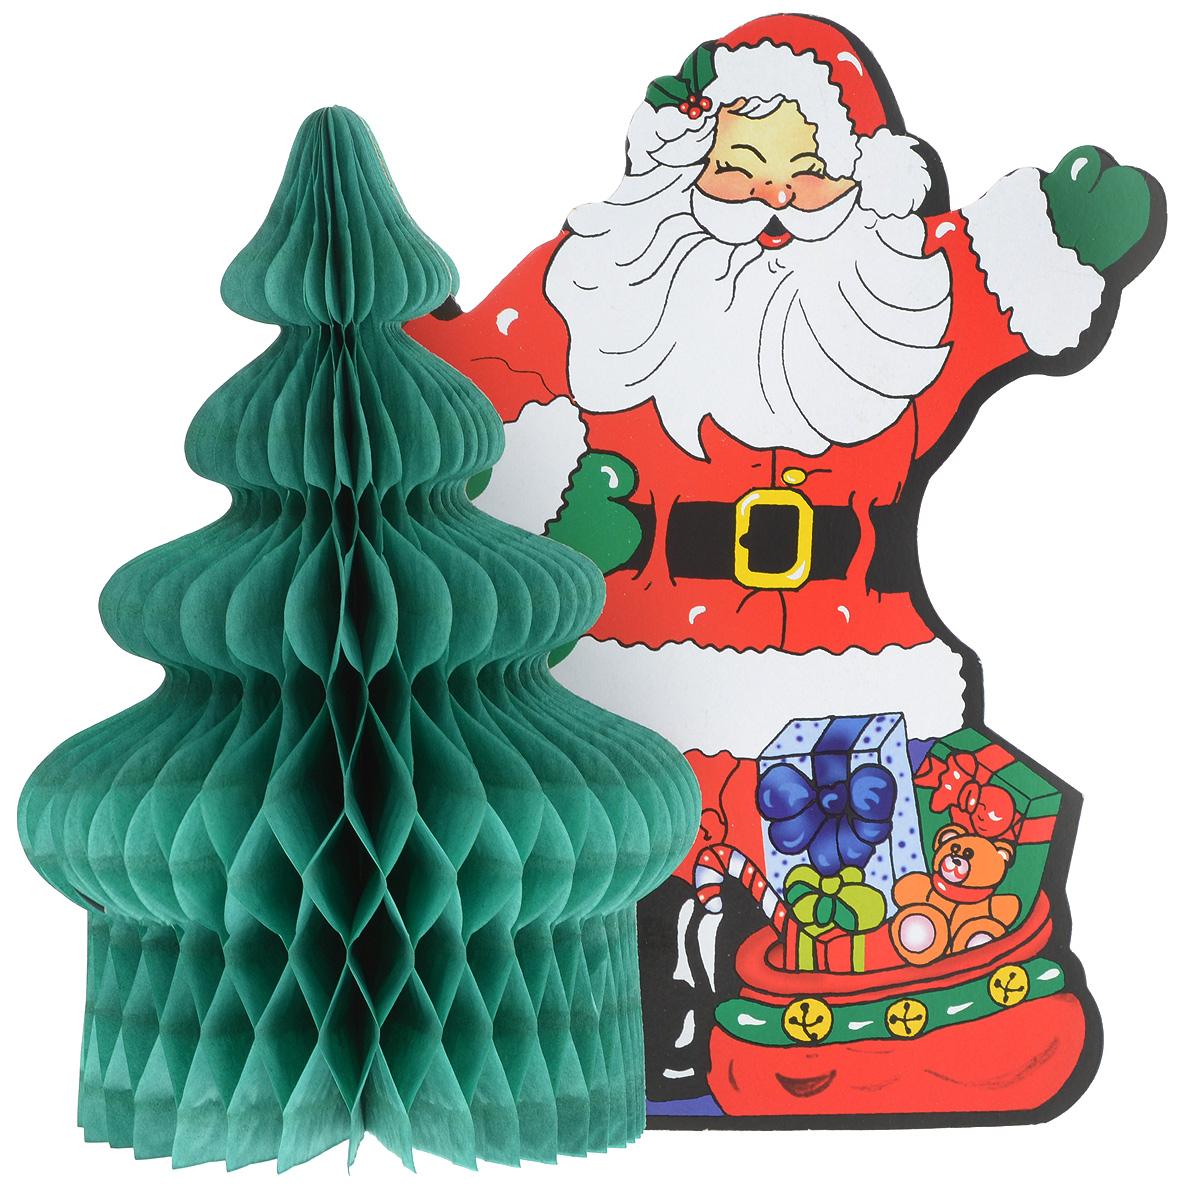 Украшение новогоднее из бумаги B&H Дед Мороз, длина 26,5 смBH12163D украшение из бумаги B&H Дед Мороз - оригинальное дополнение к домашнему интерьеру в преддверии волшебного праздника. Создать чарующую атмосферу для домочадцев и гостей не составляет сложностей: достаточно раскрыть бумажную конструкцию для того, чтобы стилизованное новогоднее изображение предстало во всей красе. Объемная фигура прекрасно подойдет для украшения праздничного стола или же заставит по-другому взглянуть на обычные книжные полки.